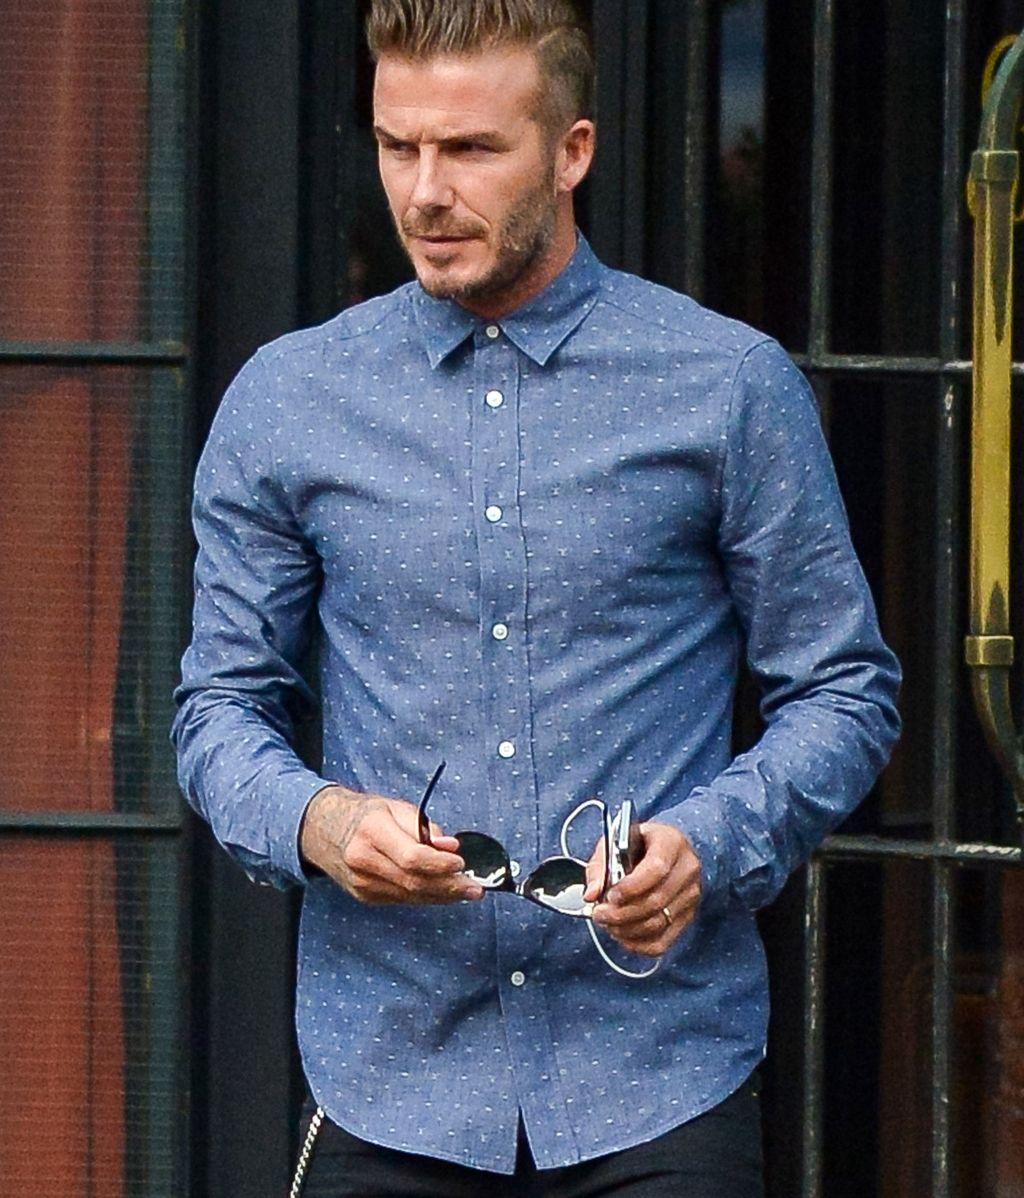 David Beckham, 'NO'